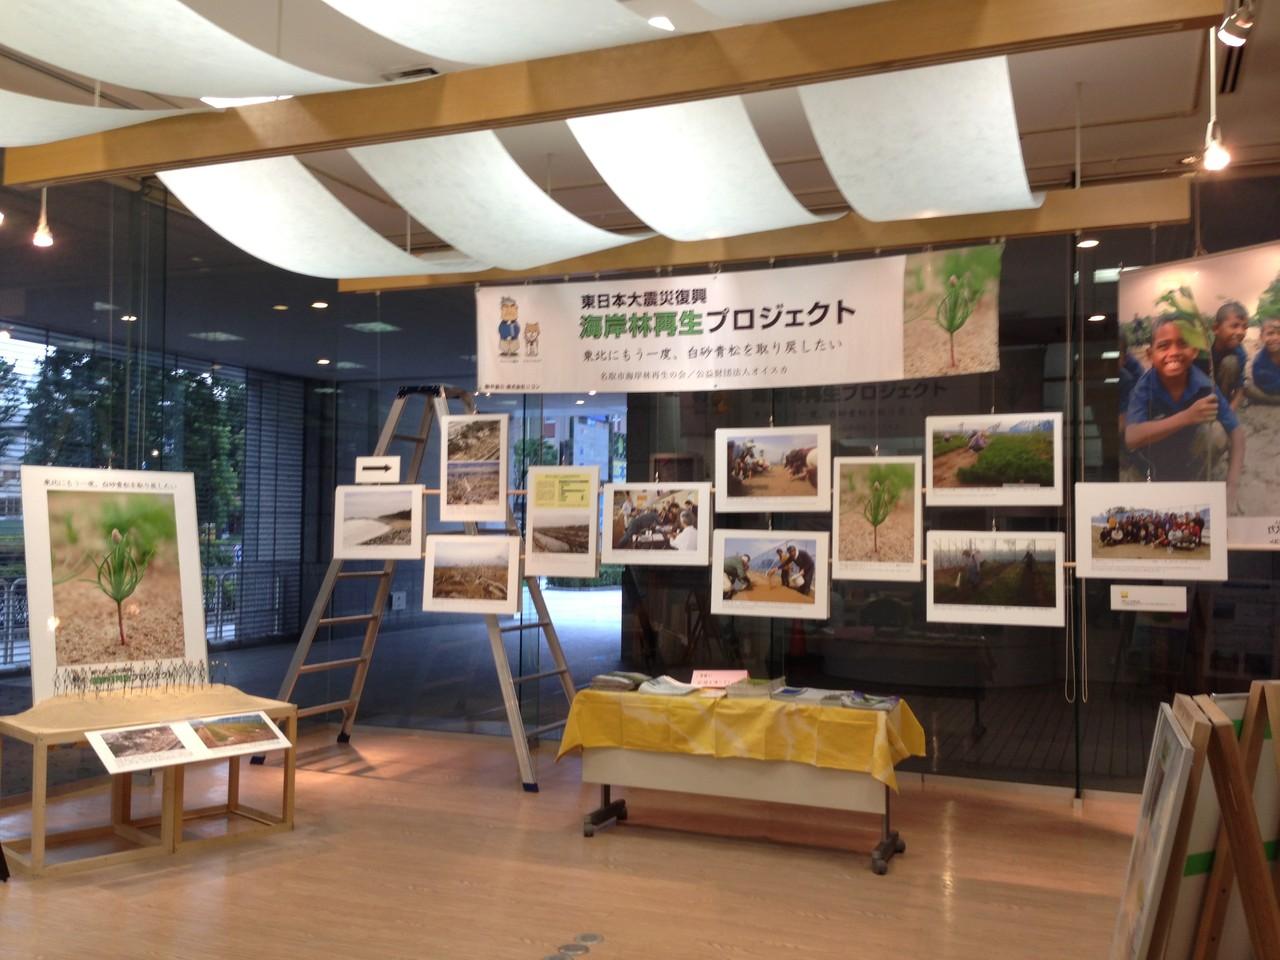 国内の森づくり、海岸林再生プロジェクトに関する写真展示